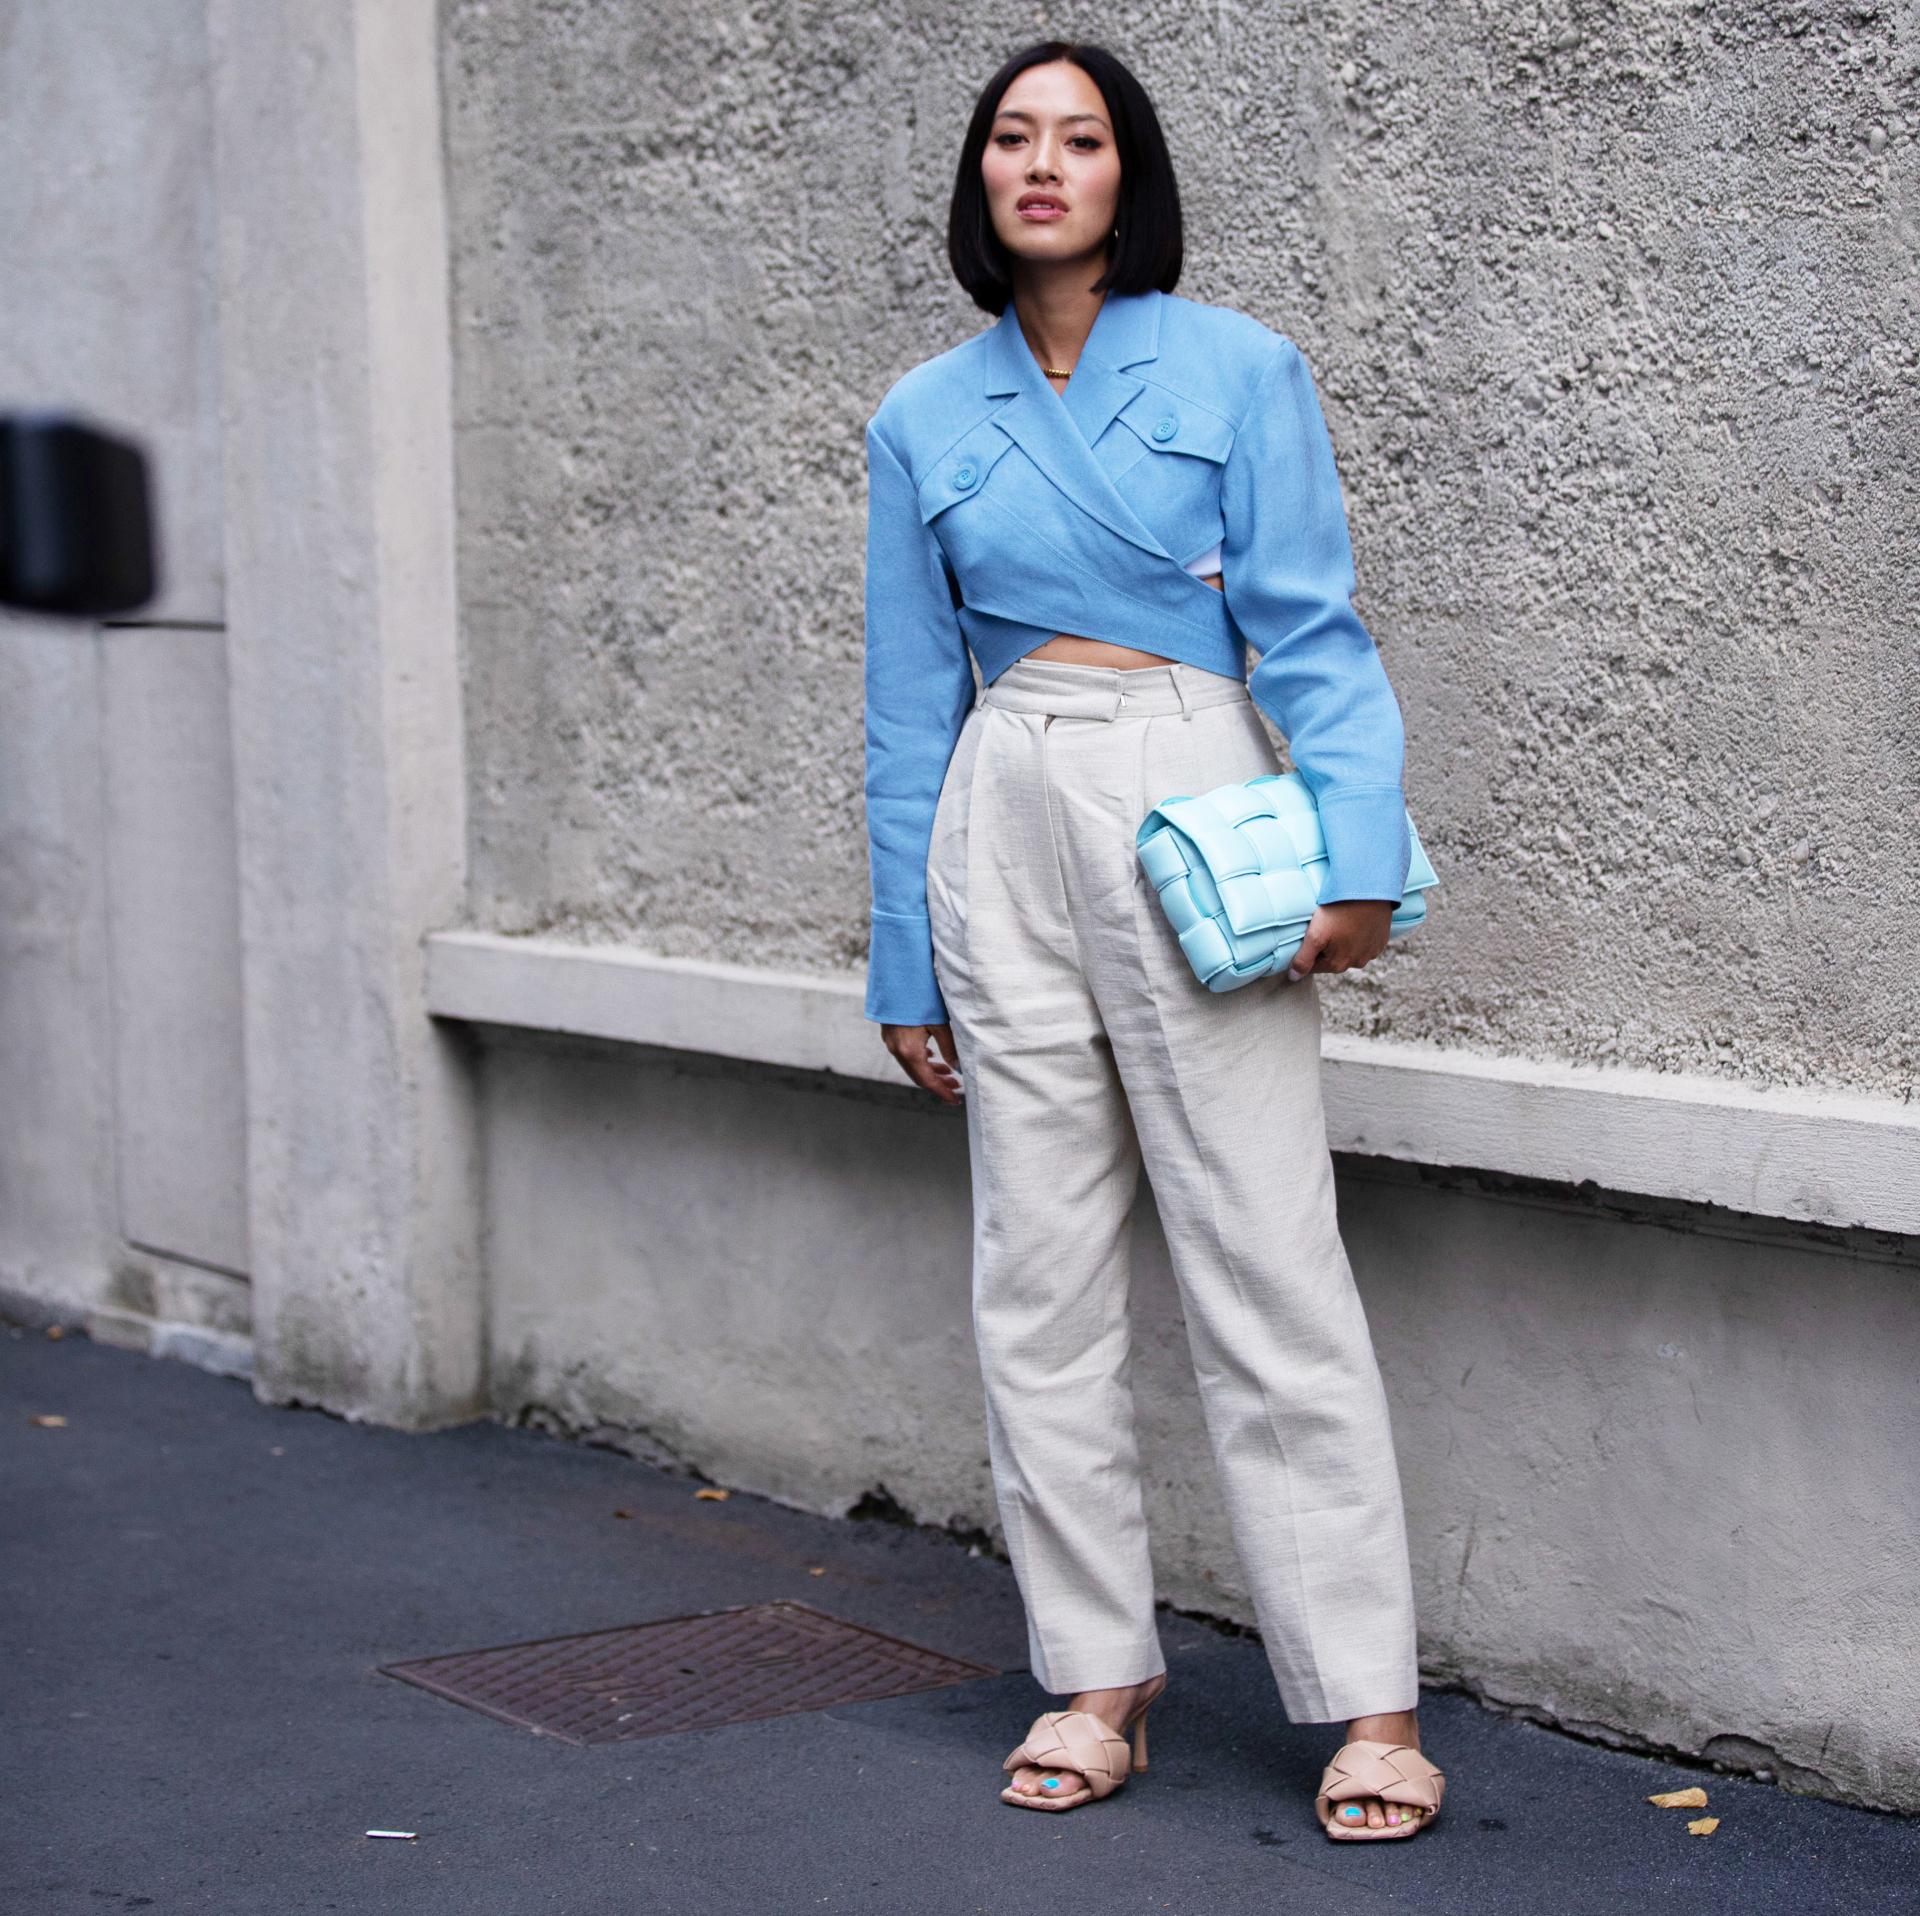 Cô gái phối đồ công sở áo màu xanh quần linen túi cầm tay